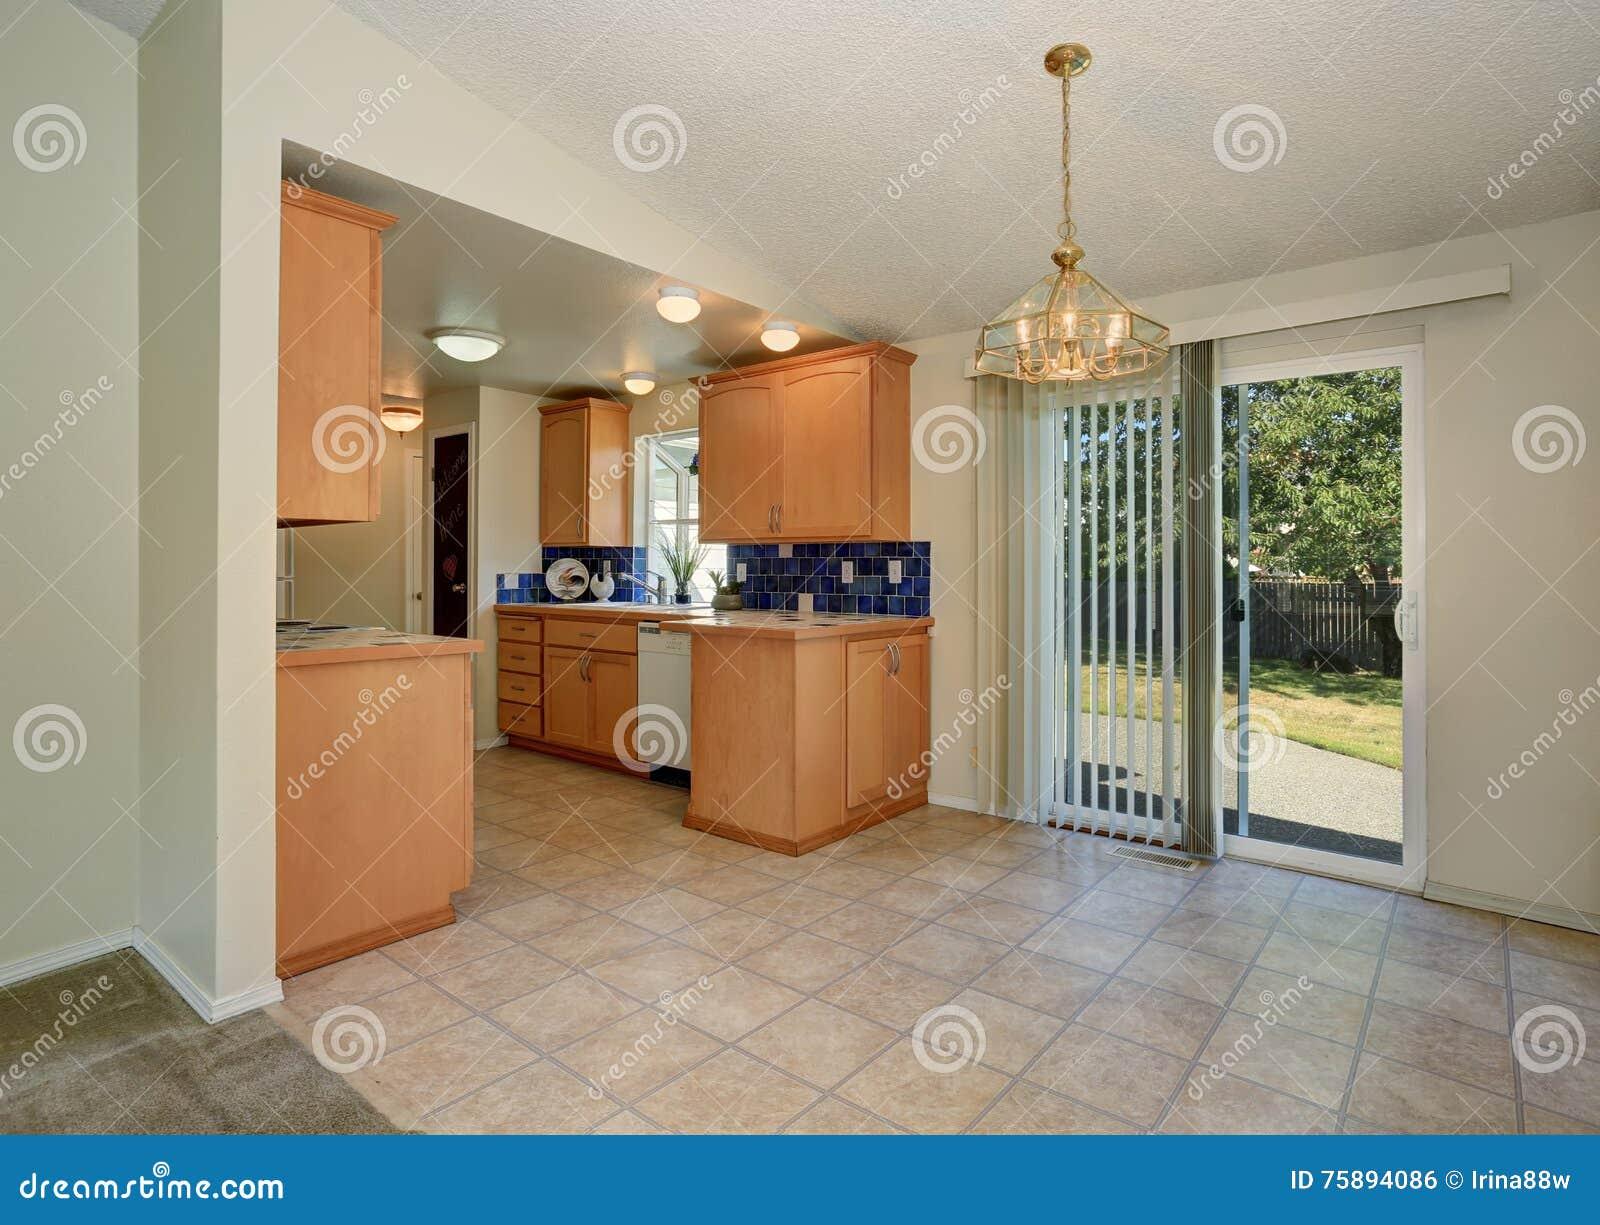 Interiore della camera armadi da cucina e pavimentazione in